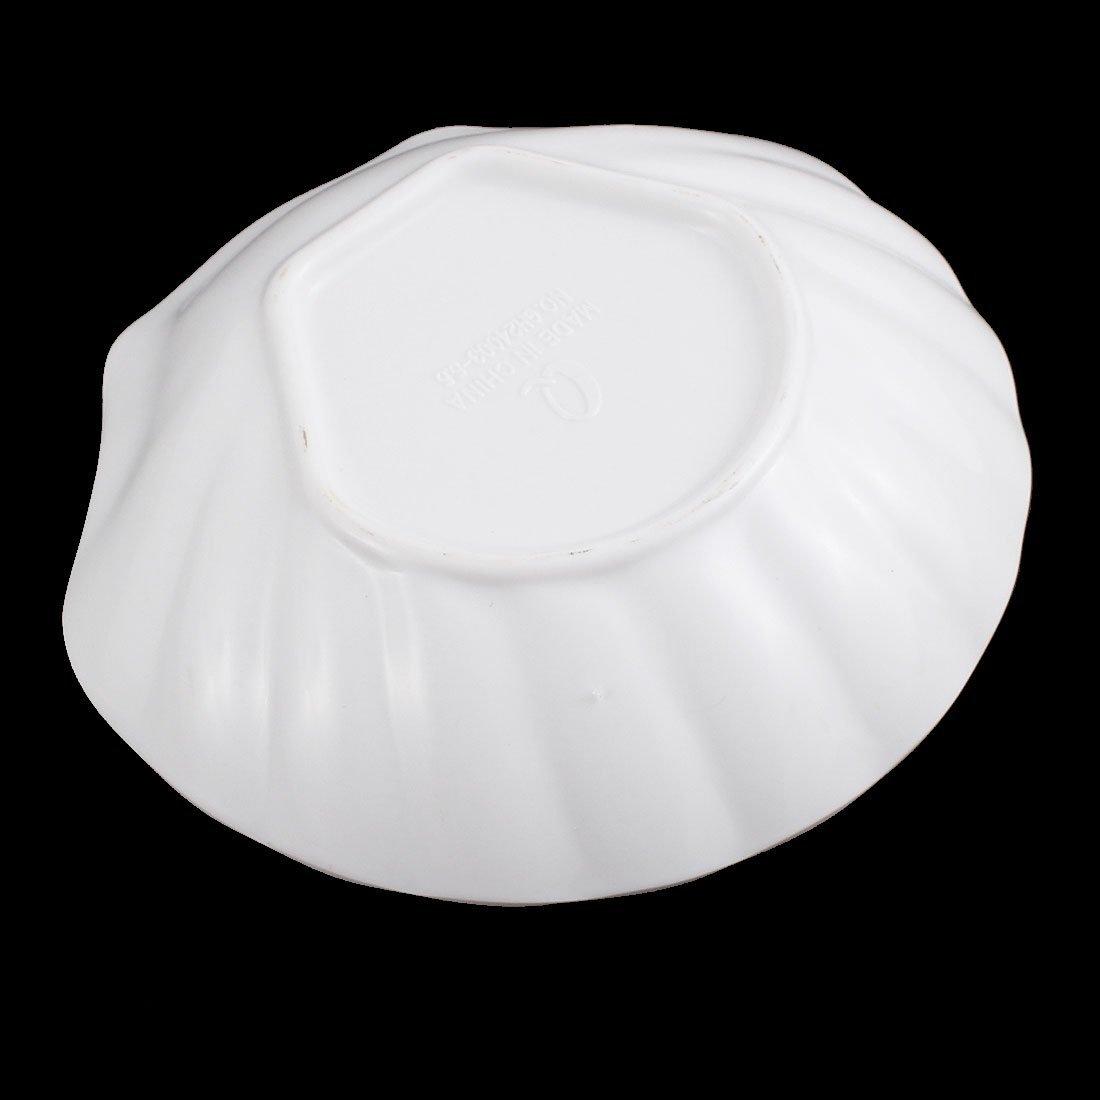 Amazon.com: eDealMax Seashell Diseño de soja salsa de acompañamiento Plato Plato 5, 5 pulgadas Longitud blanca: Kitchen & Dining